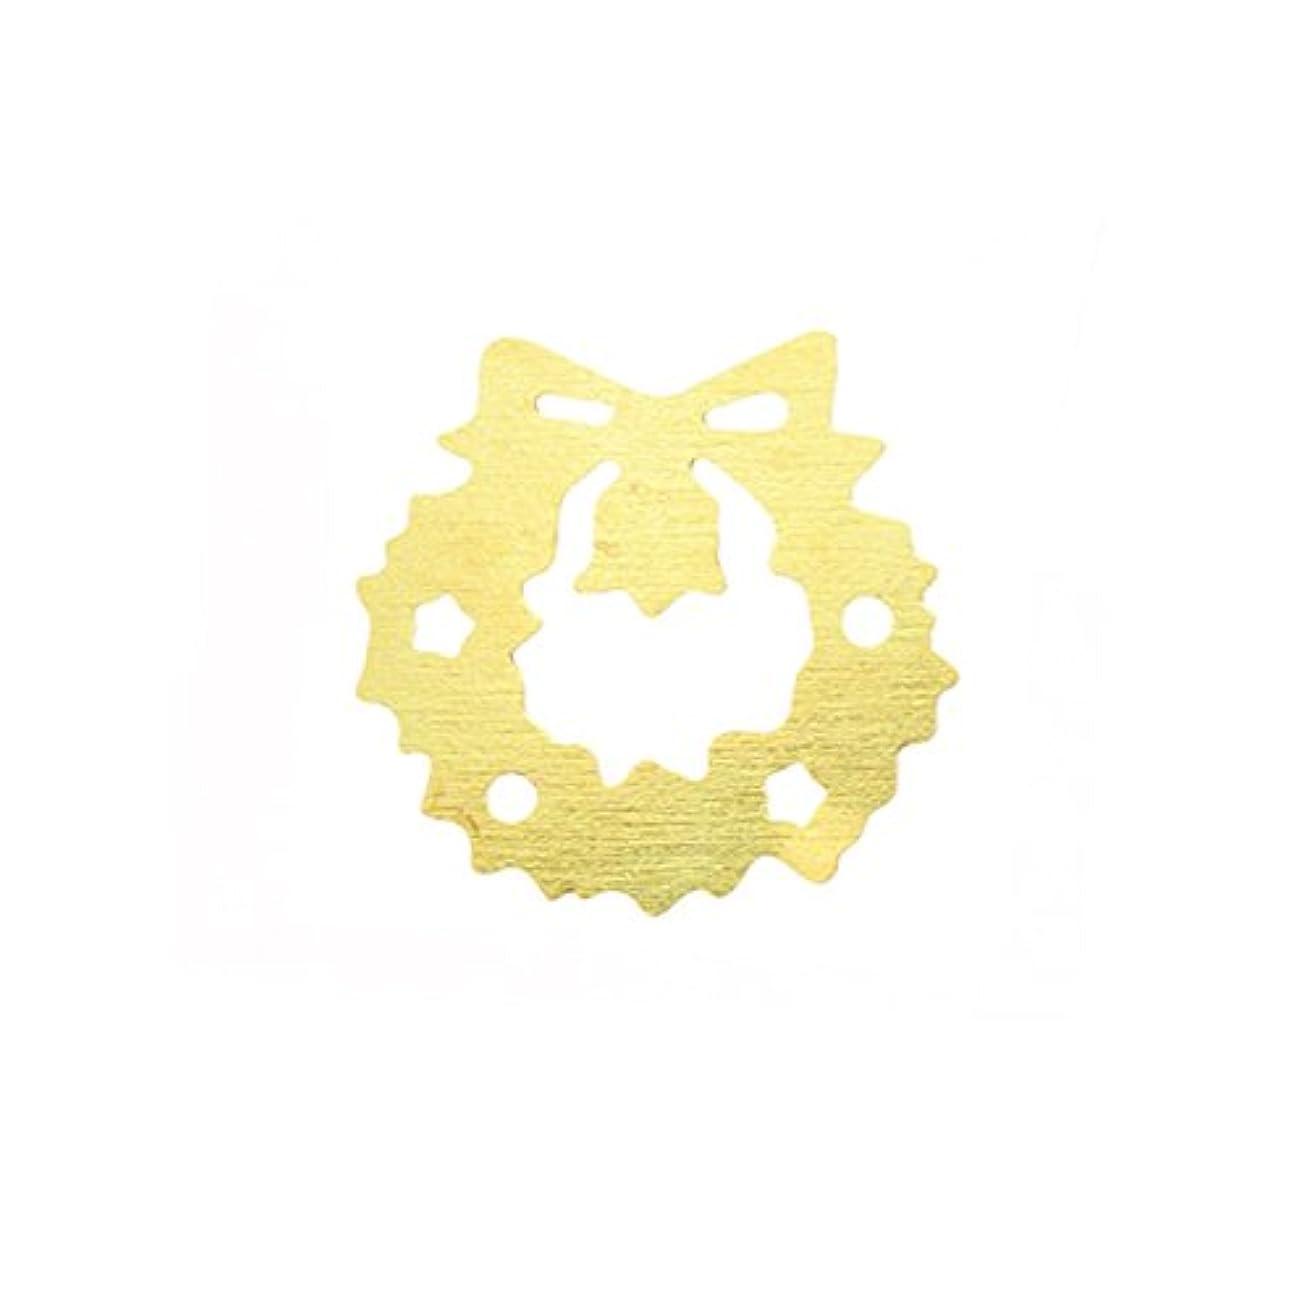 化学薬品広大な不完全メタルプレート(ネイルストーン デコ) クリスマスリース ゴールド (30個入り)(ネイル用品)